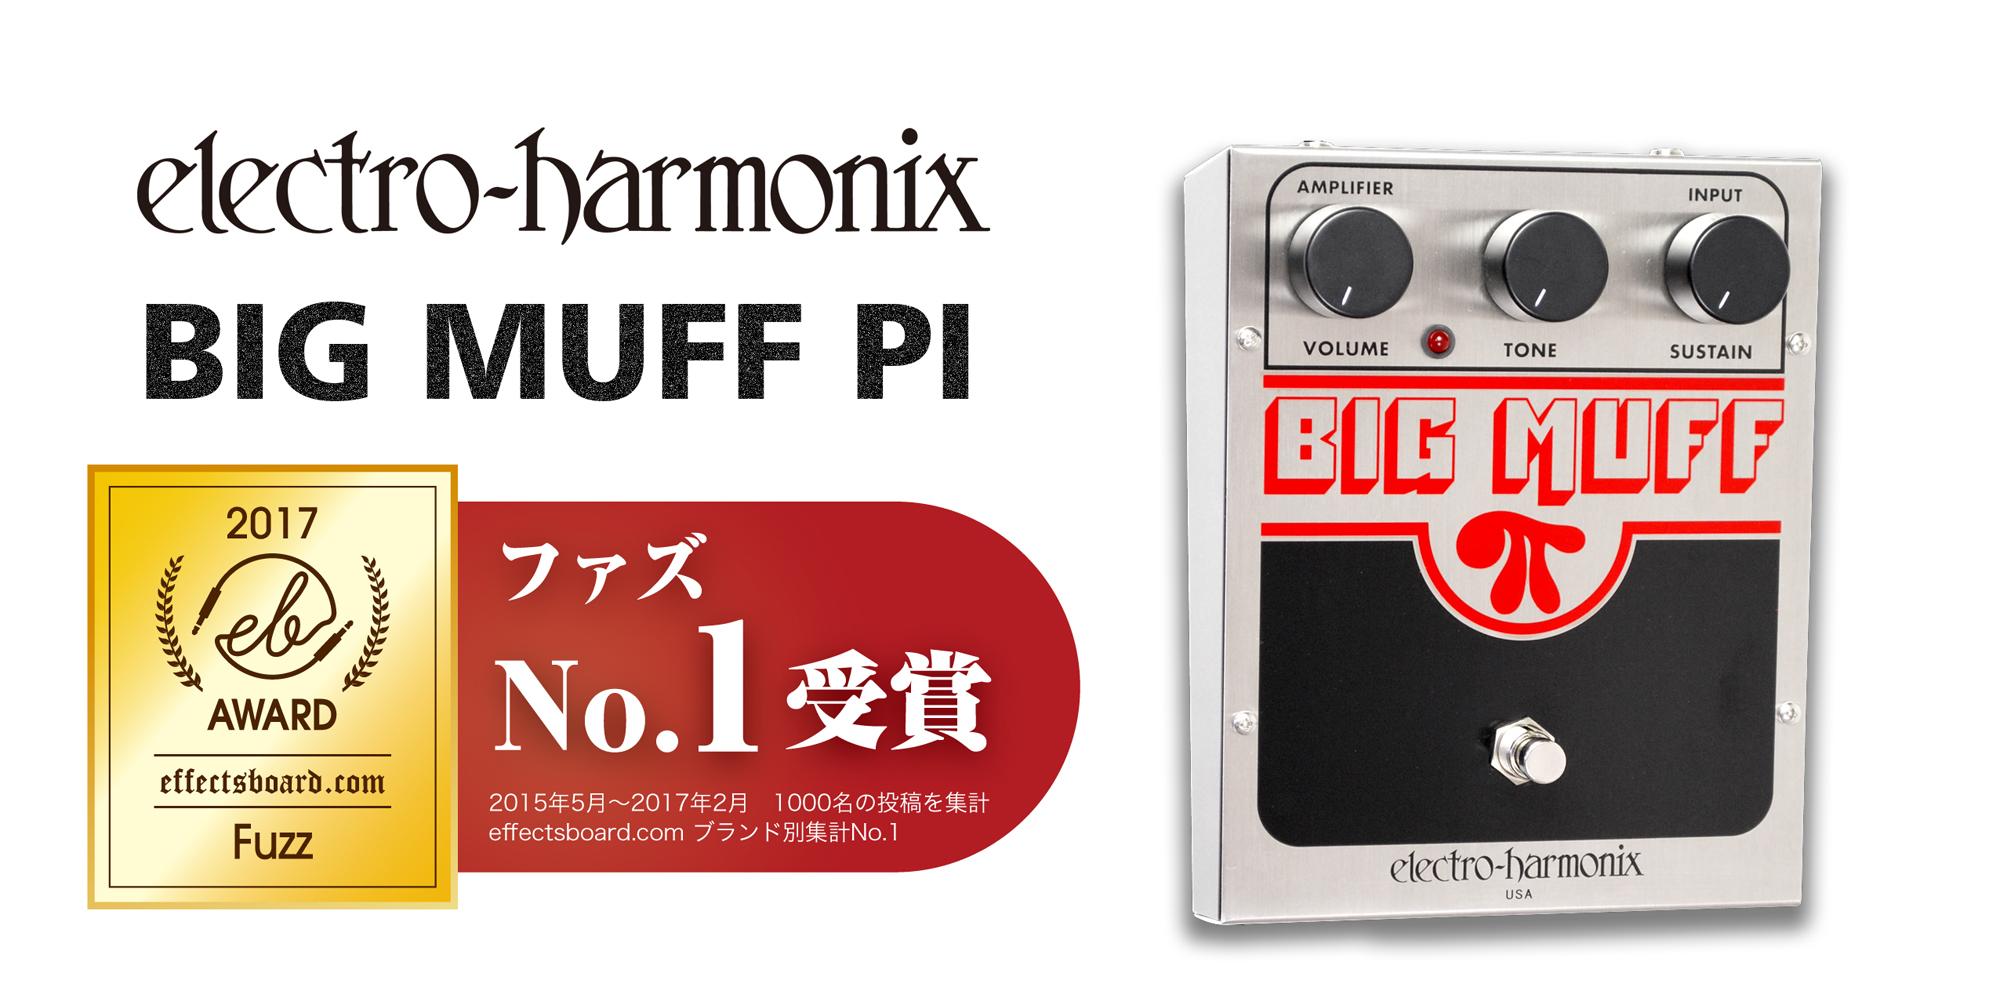 「エフェボーAWARD」FUZZ部門、Big Muff Pi が1位獲得!!